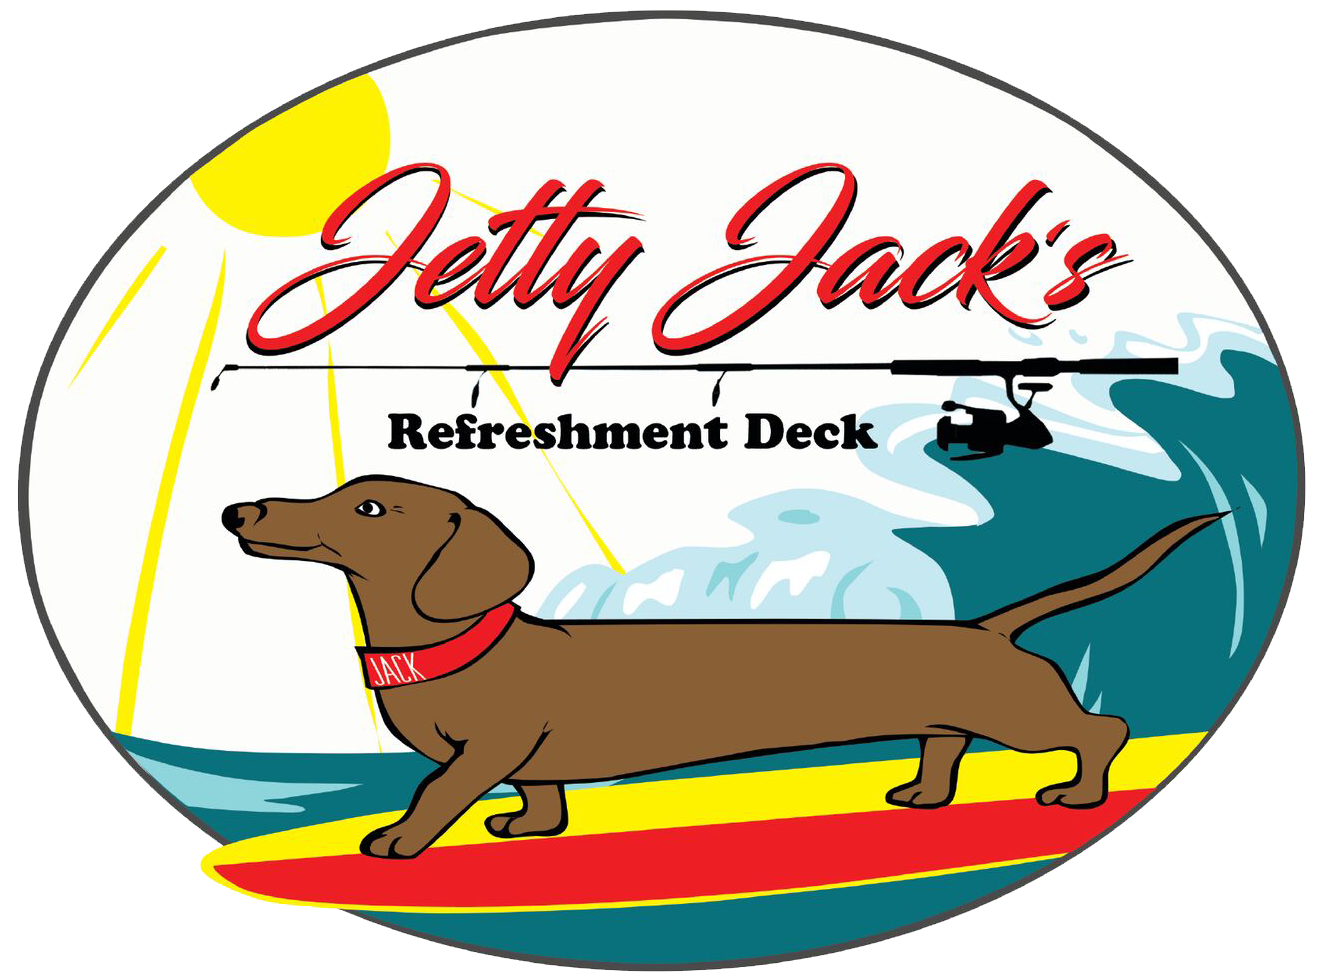 Jetty Jack's